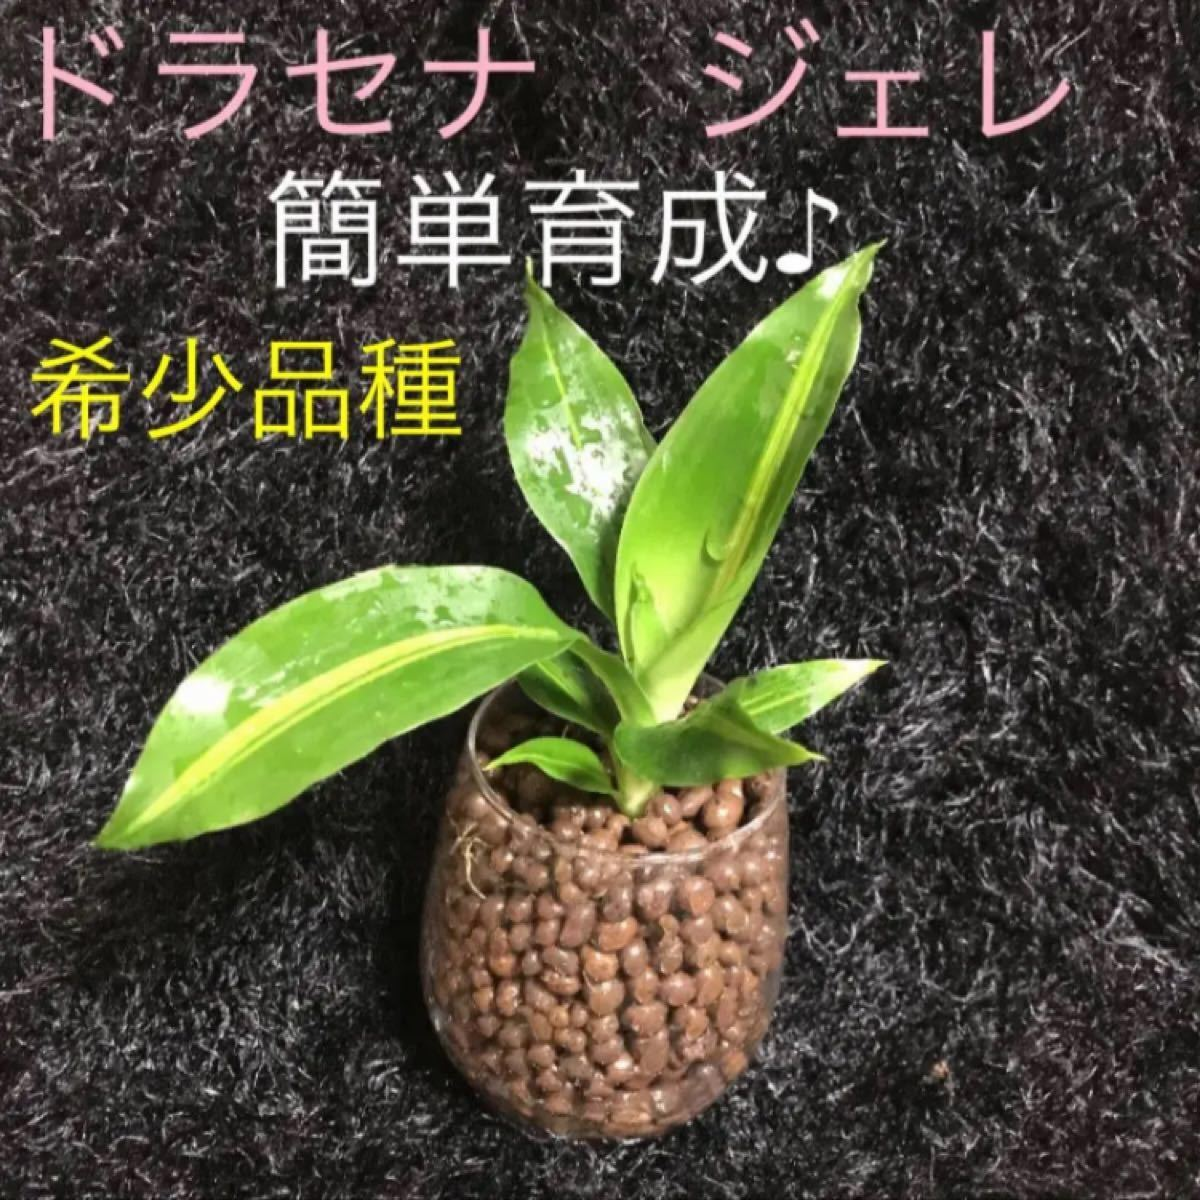 希少 『幸福の木』ドラセナジェレ 抜き苗